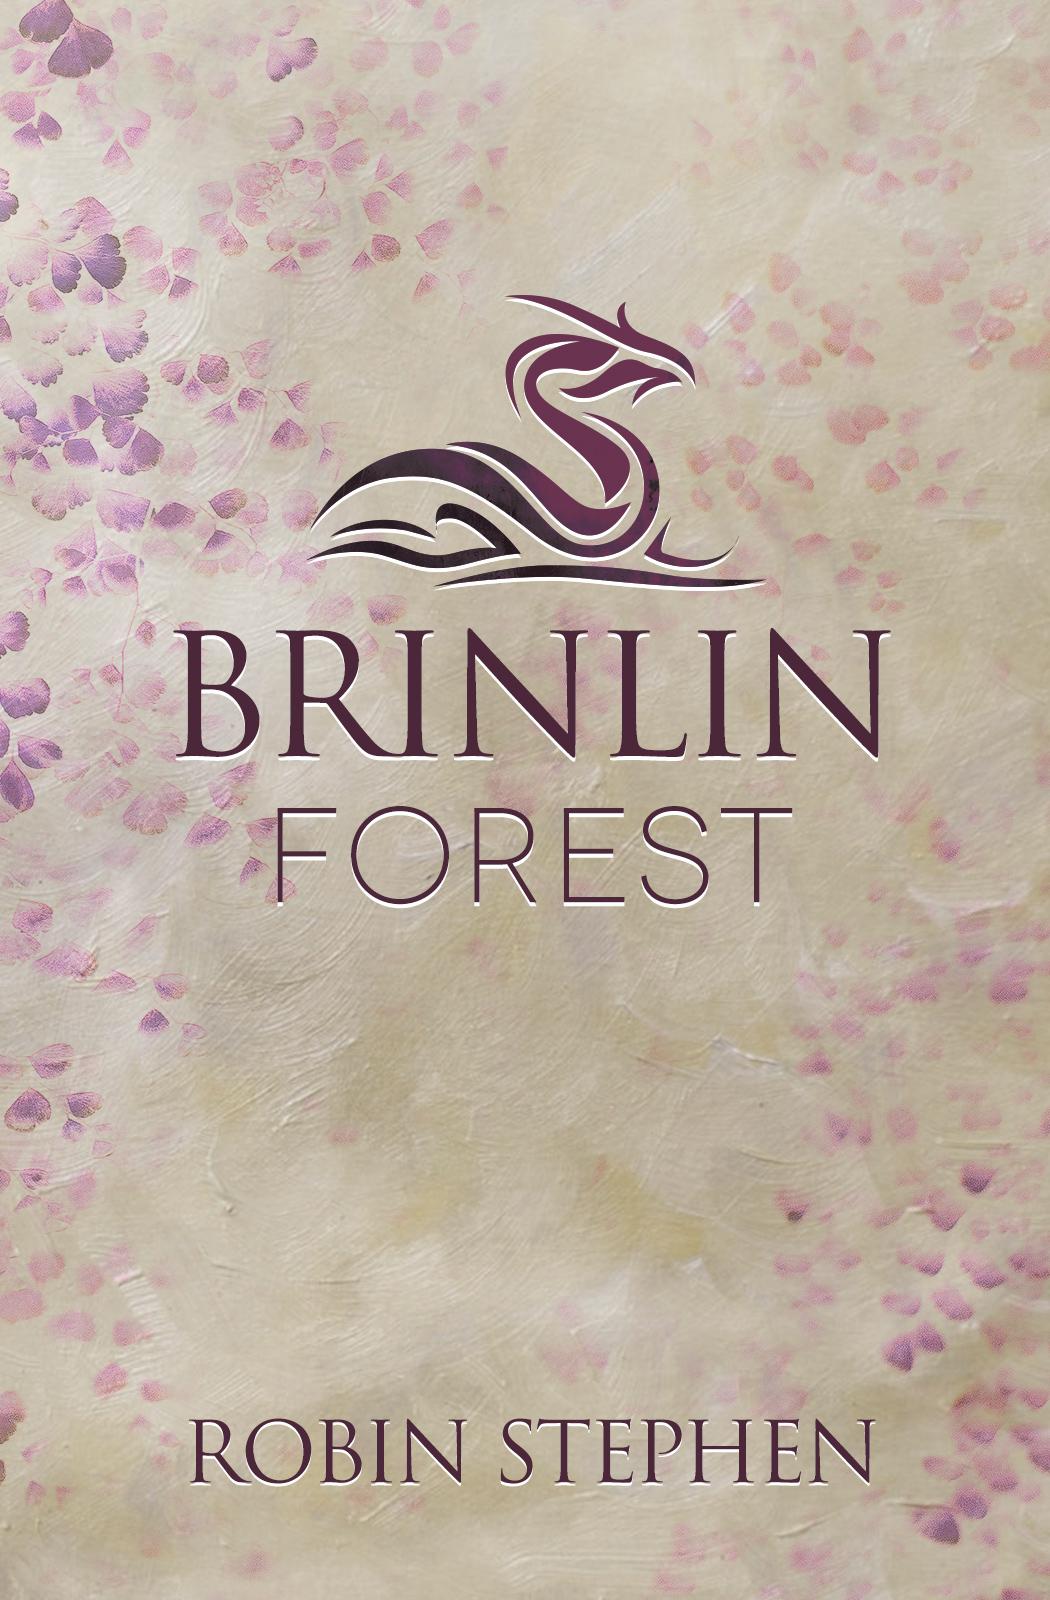 Brinlin Forest